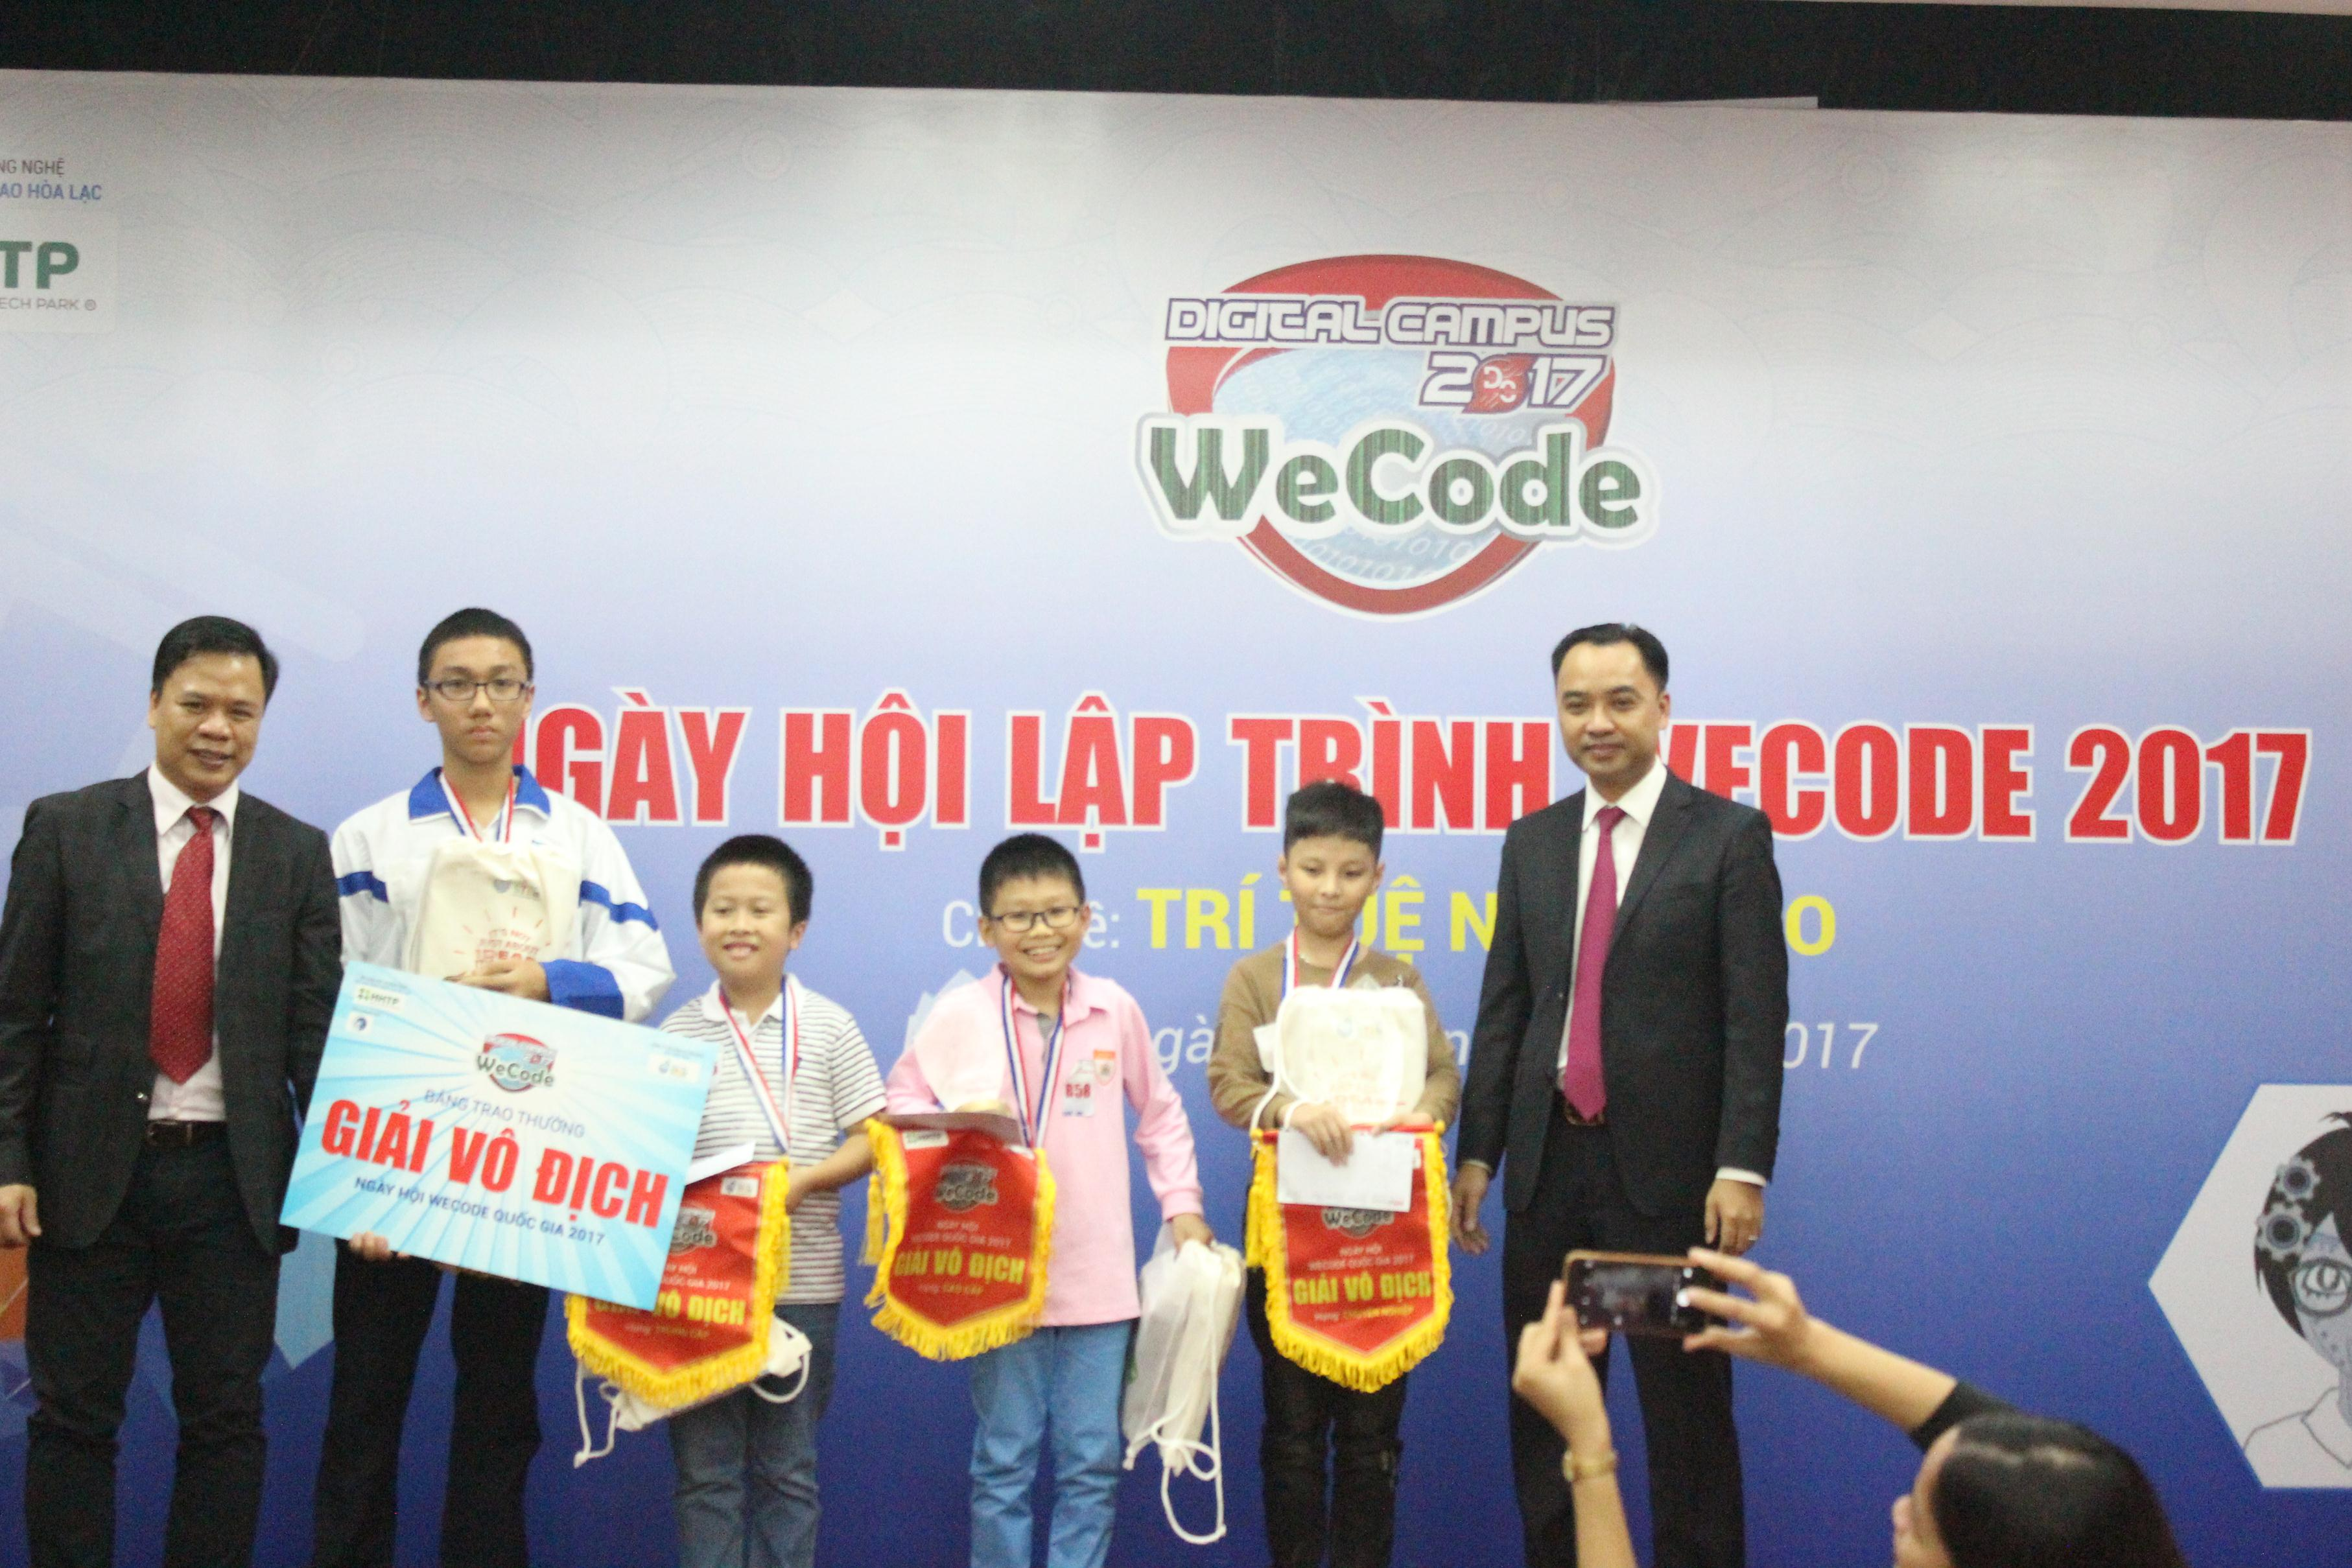 Ông Nguyễn Thế Trung và ông Nguyễn Văn Cường- Phó trưởng ban Công nghệ cao Hòa lạc, Bộ Khoa học và Công nghệ- trao giải thưởng cho các nhà vô địch